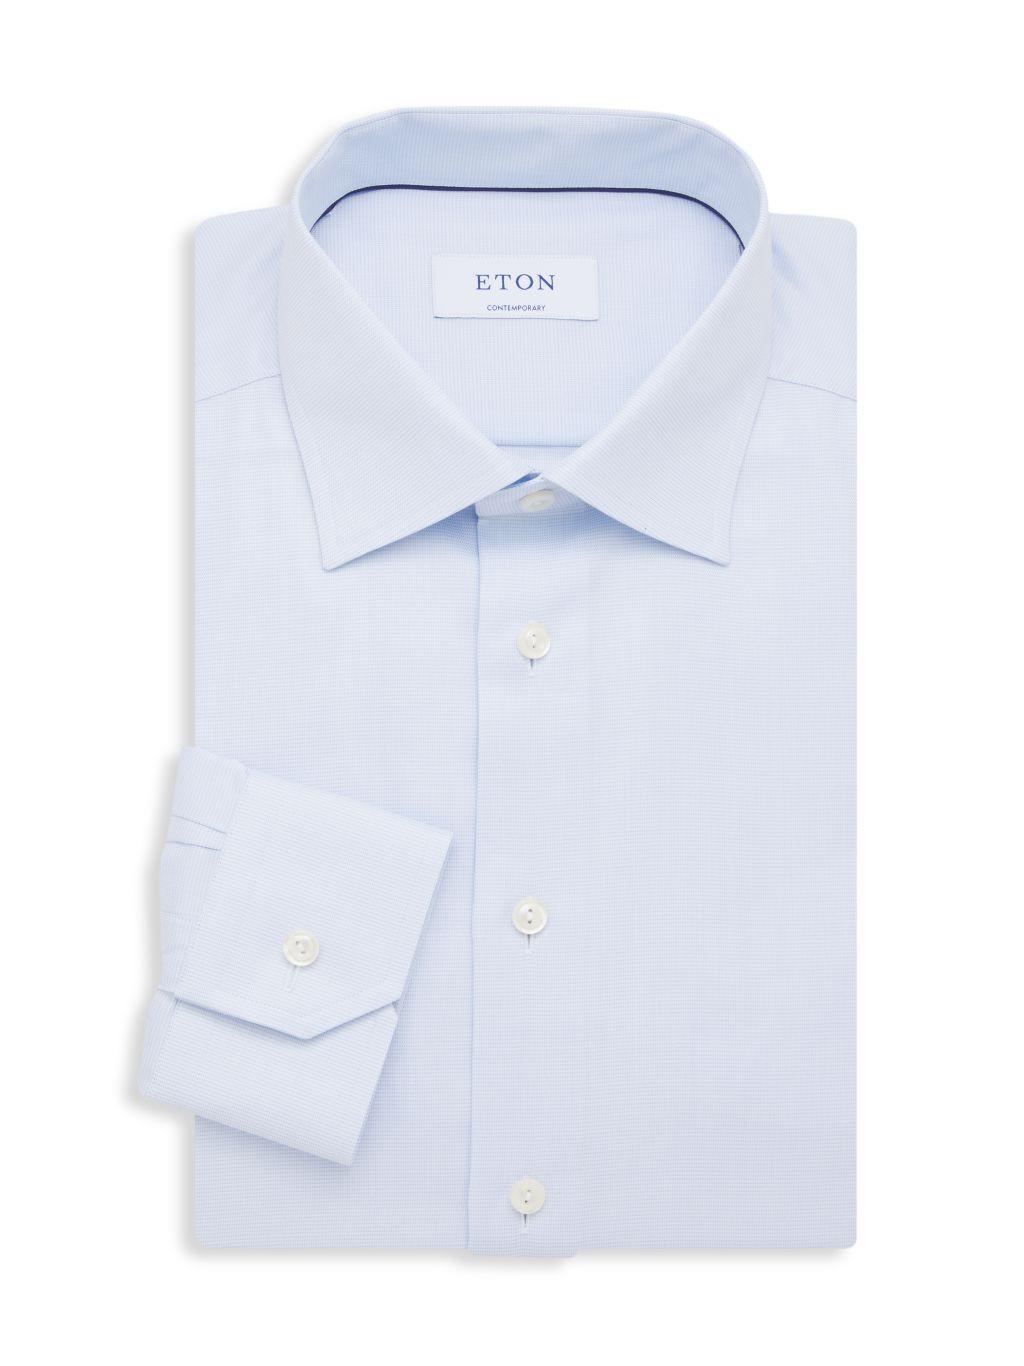 Eton Contemporary-Fit Bird's Eye Dress Shirt